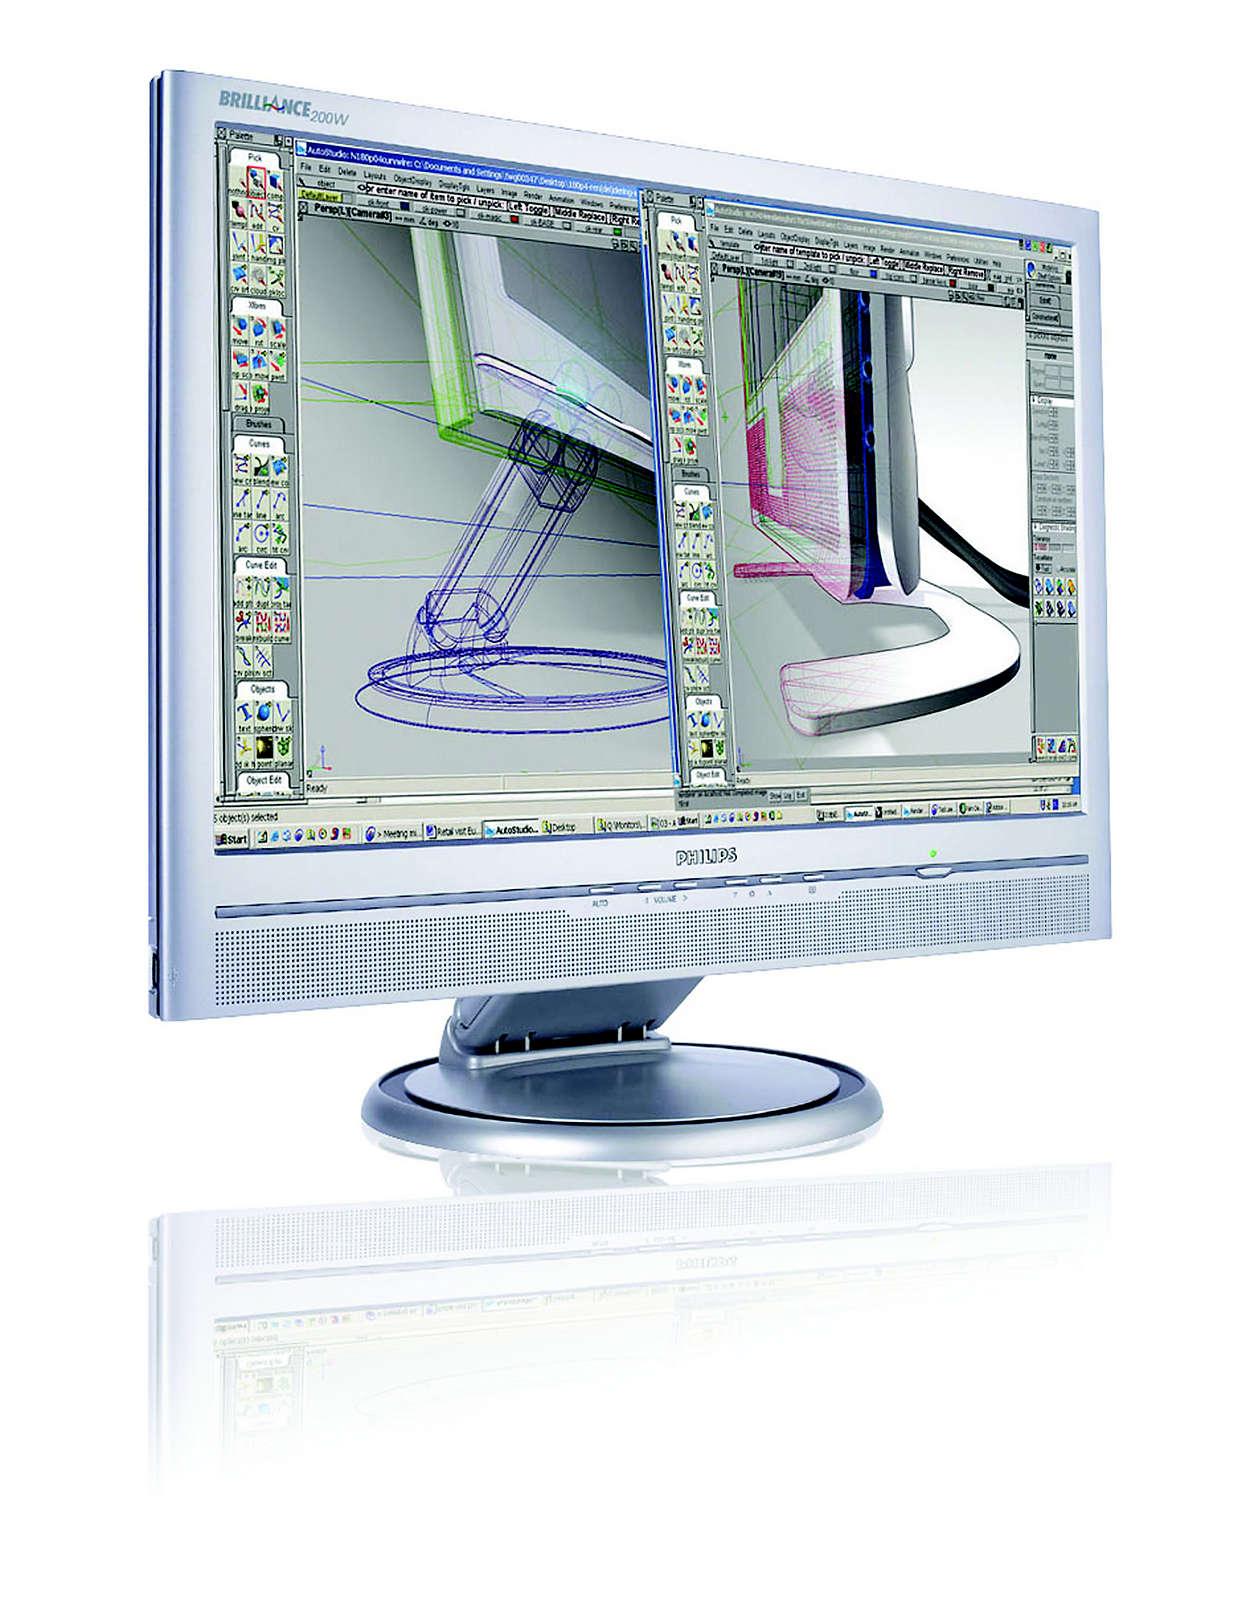 大型闊熒幕生產力的最佳選擇